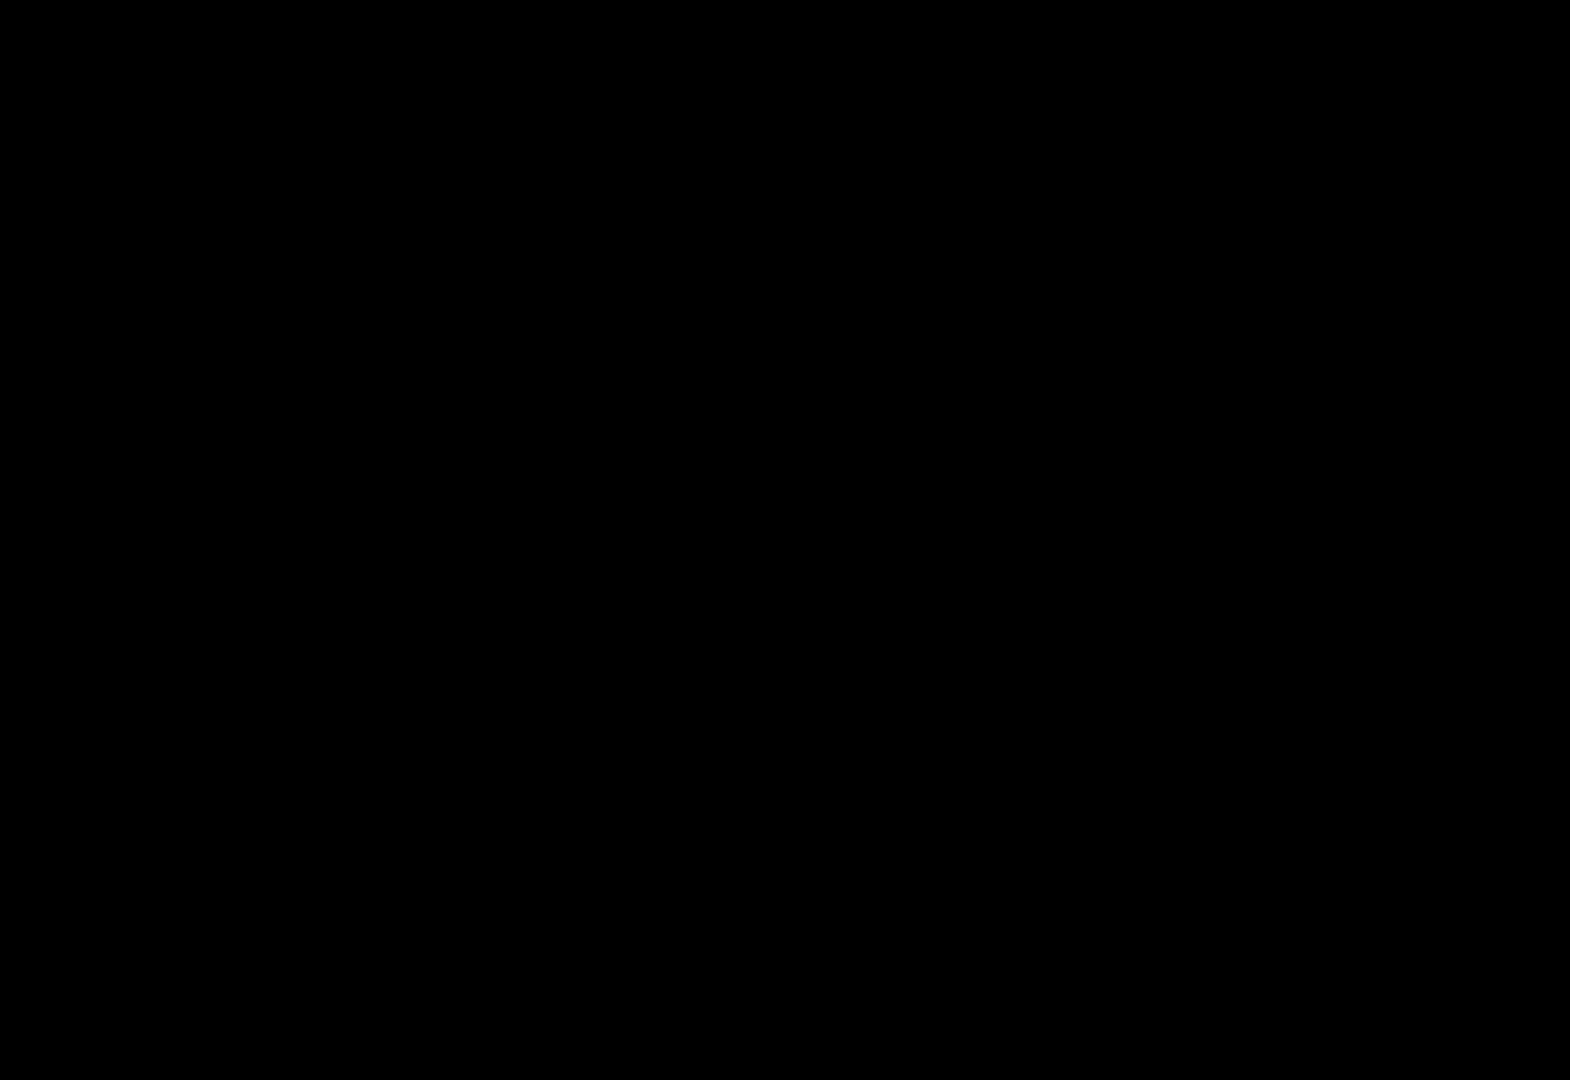 APC LOGO v2.1